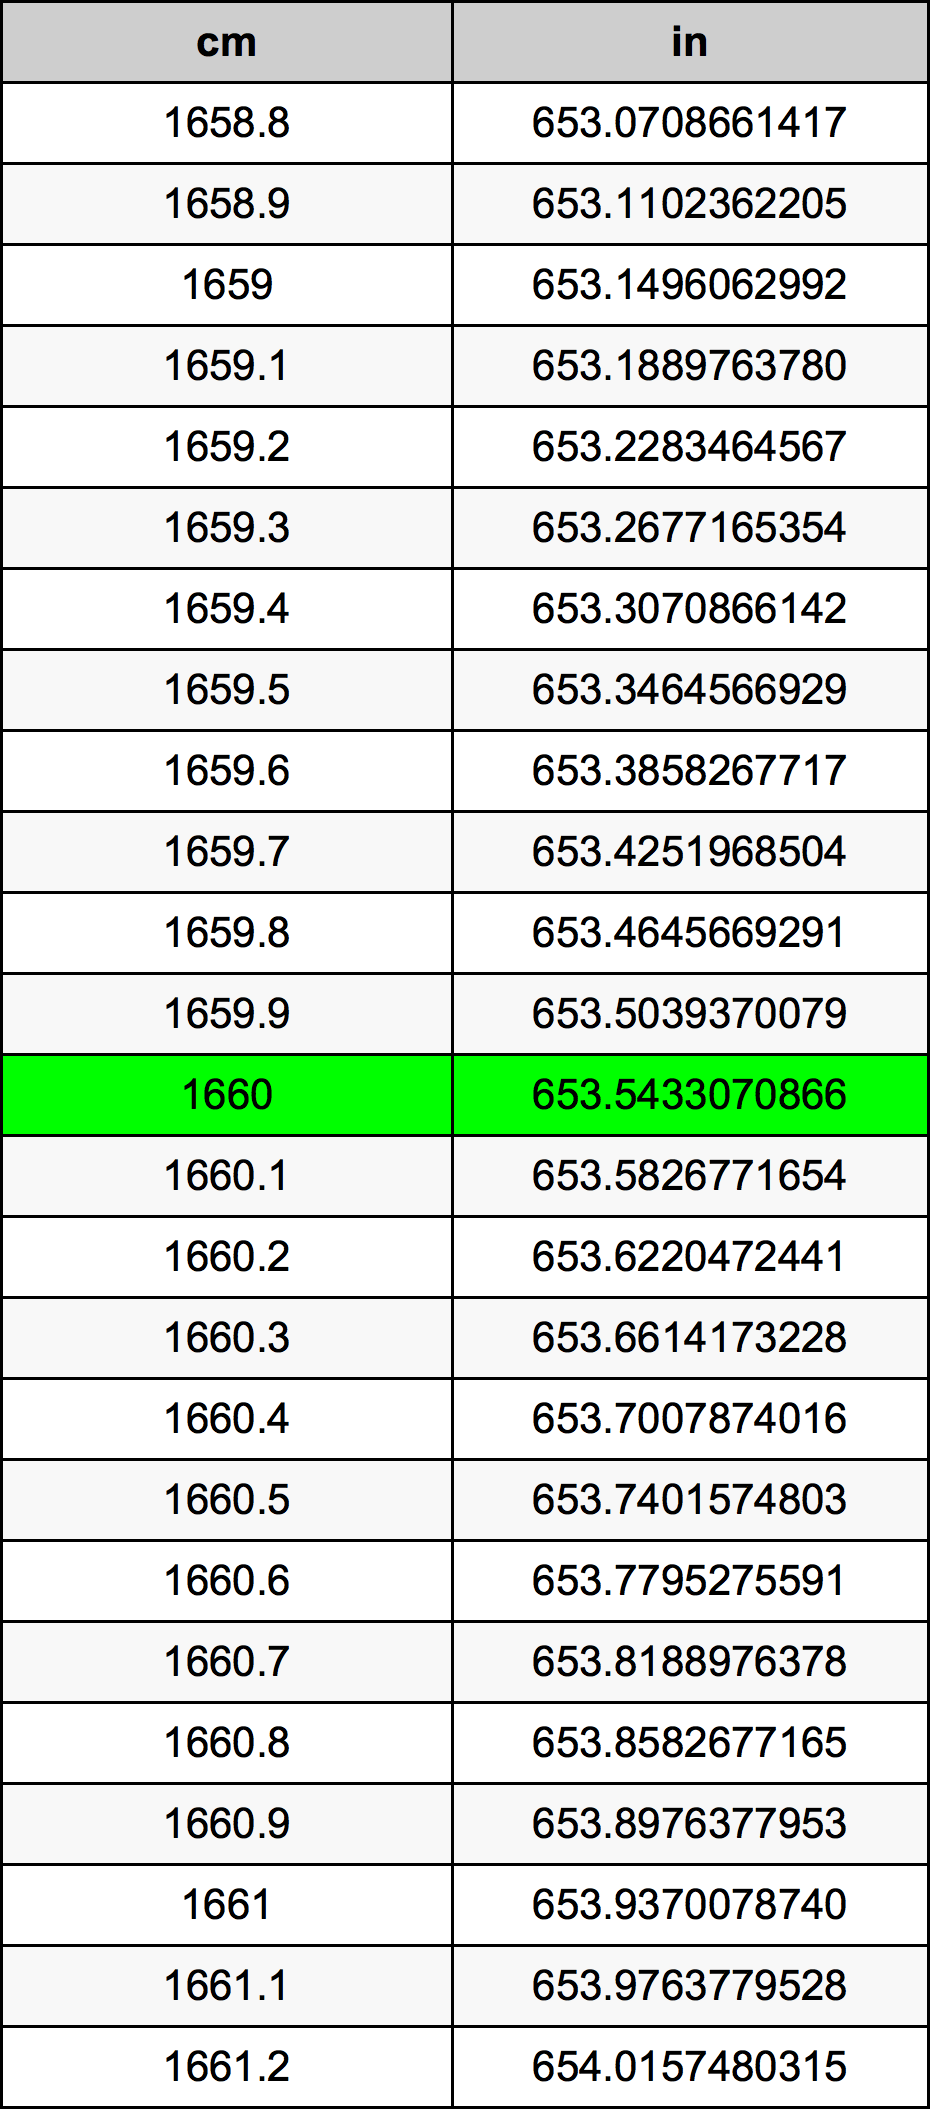 1660 Centimetru tabelul de conversie